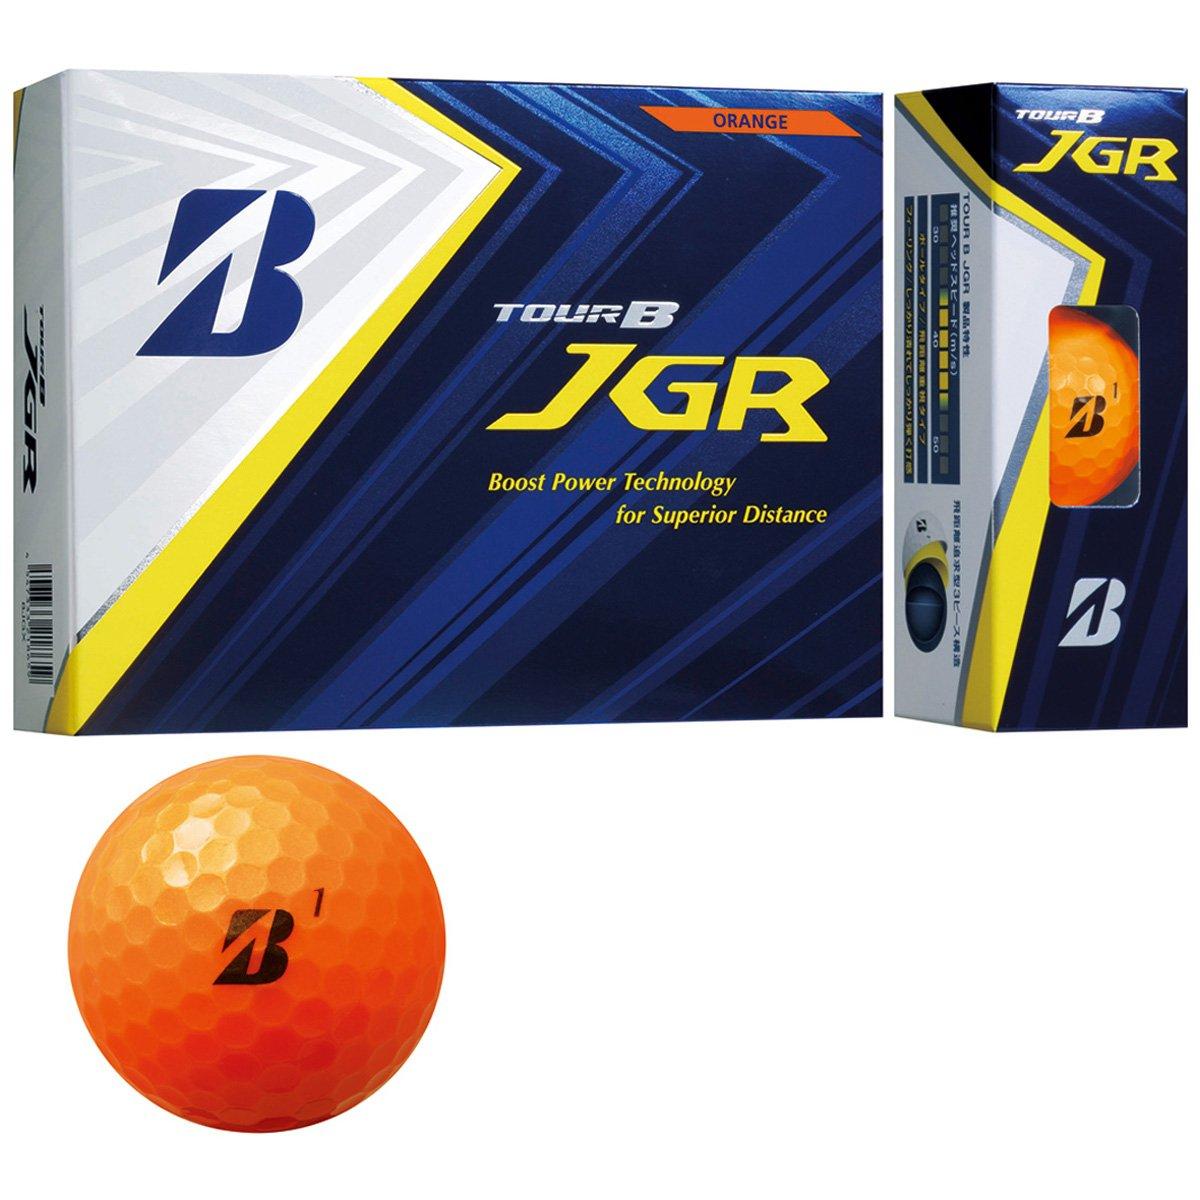 BRIDGESTONE TOUR B JGR ORANGE 8JOX ブリヂストン ツアービー ジェイジーアール オレンジ 2ダースパック 24球 ボール ゴルフ 送料無料 平成最後 令和 新生活